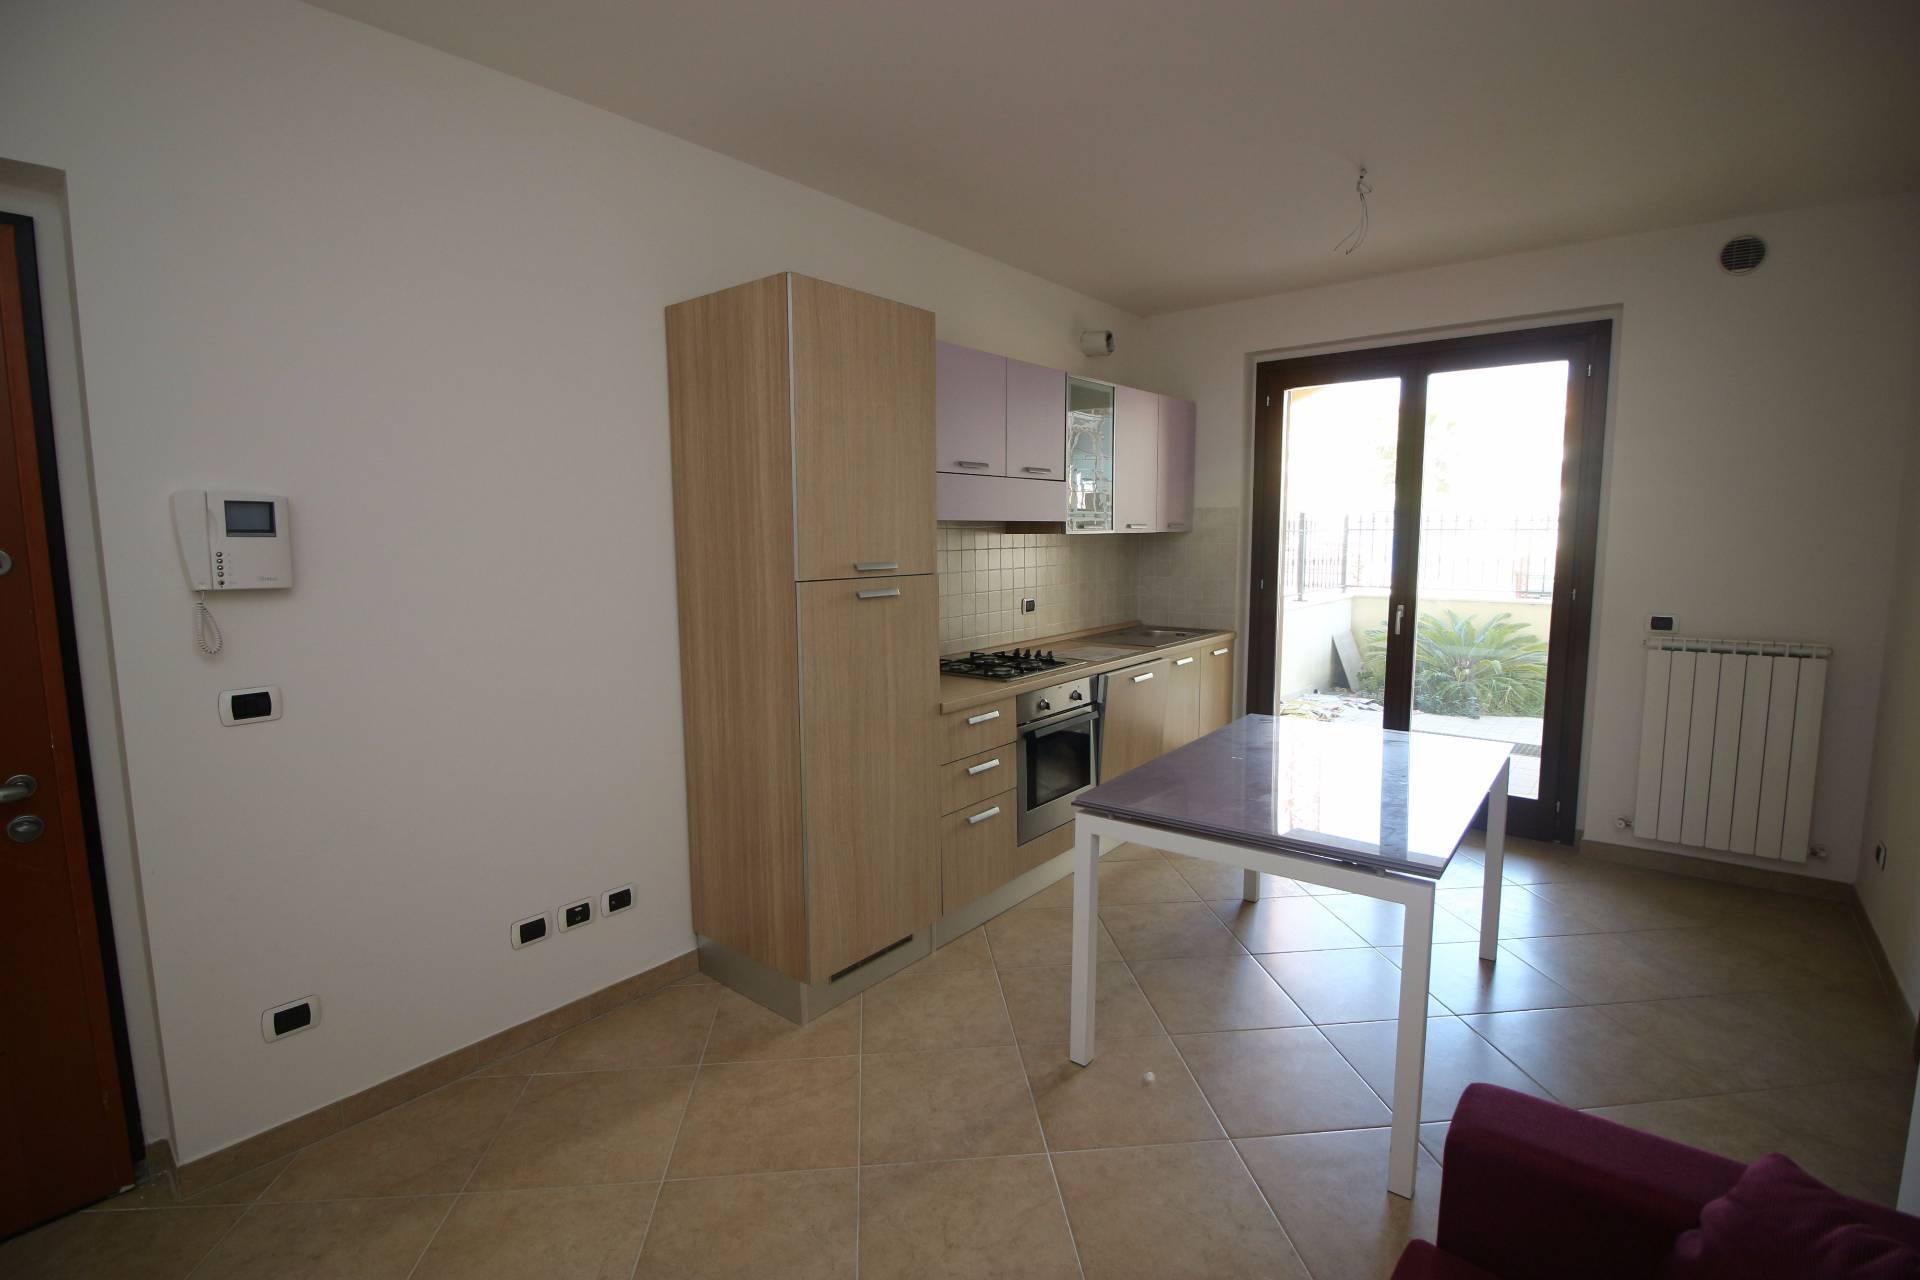 Appartamento in vendita a Tortoreto, 3 locali, zona Località: TortoretoLido, prezzo € 125.000 | CambioCasa.it